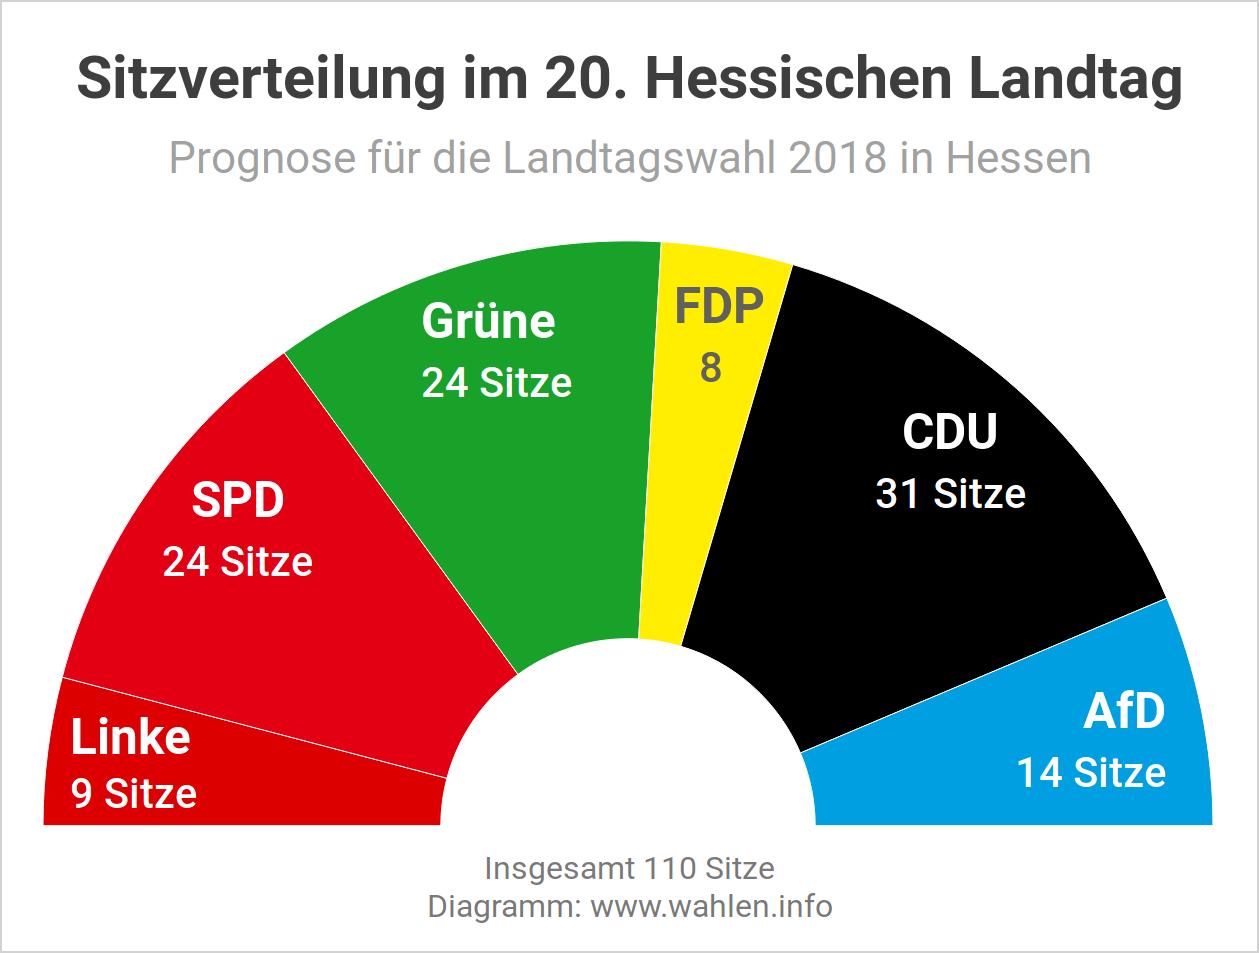 Landtagswahl 2018 in Hessen - Sitzverteilung und Sitzordnung im Landtag